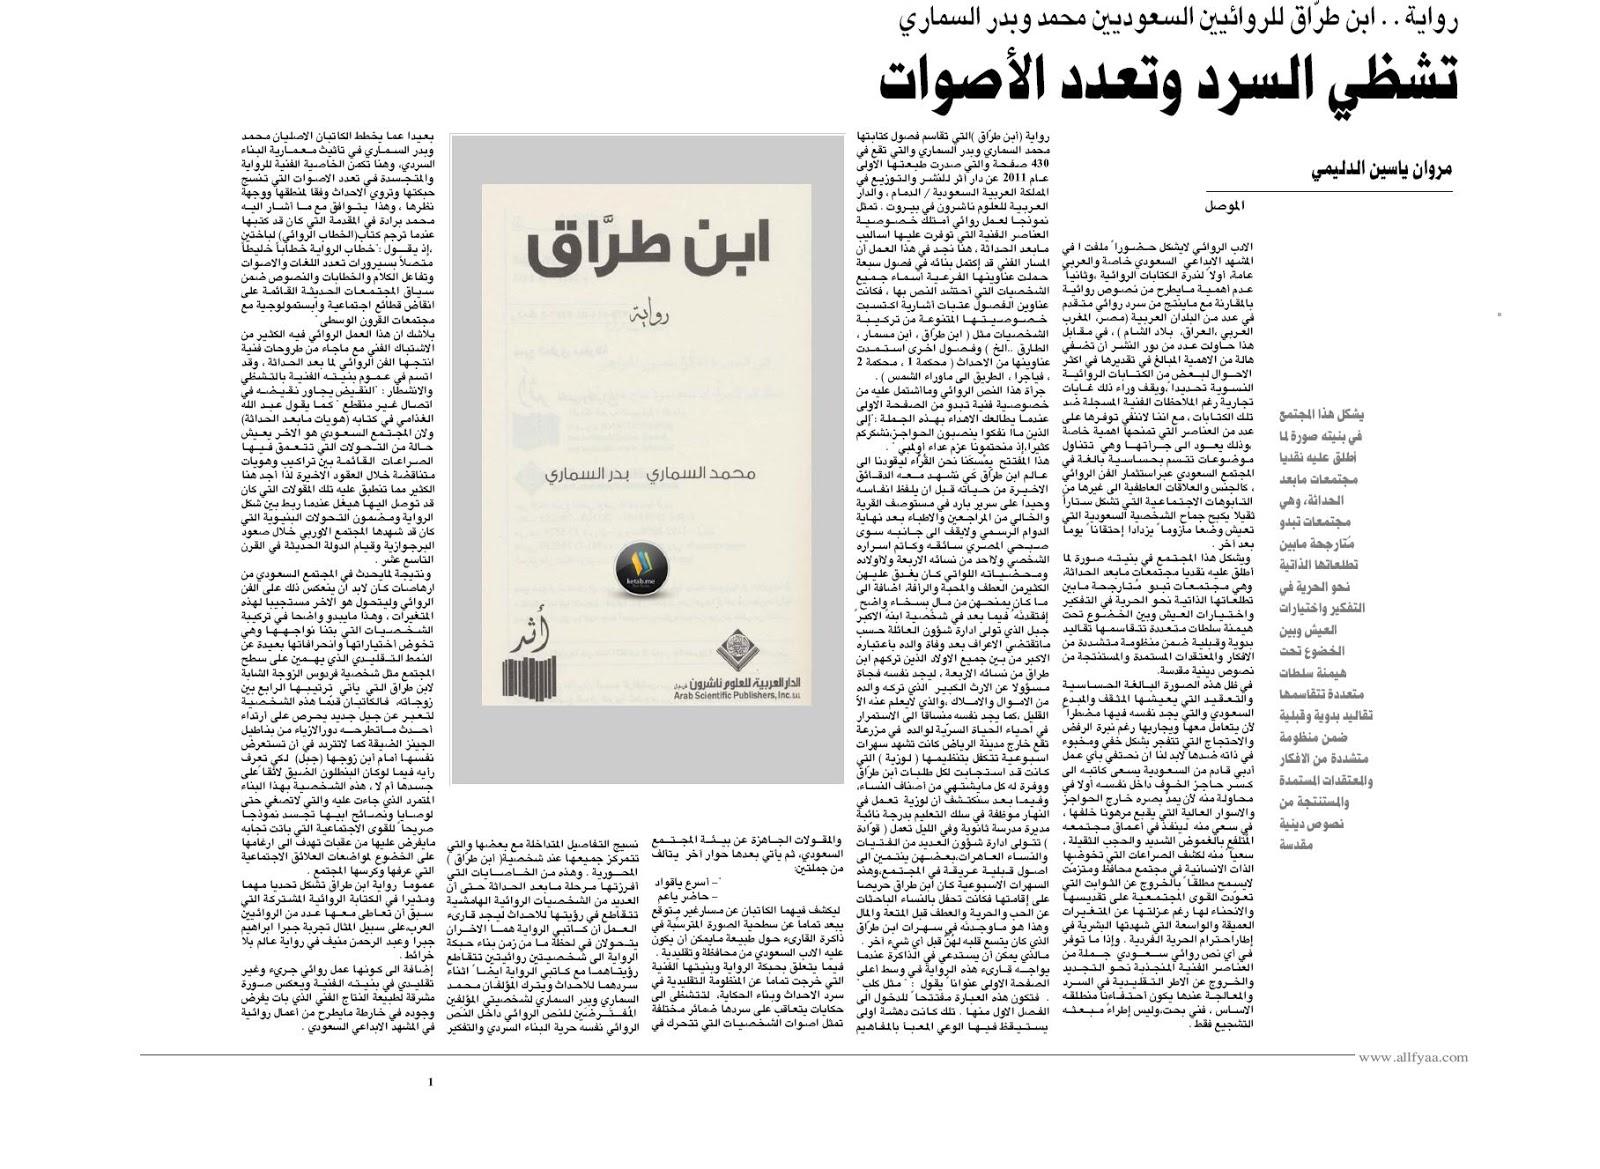 مدو نة مروان ياسين الدليمي